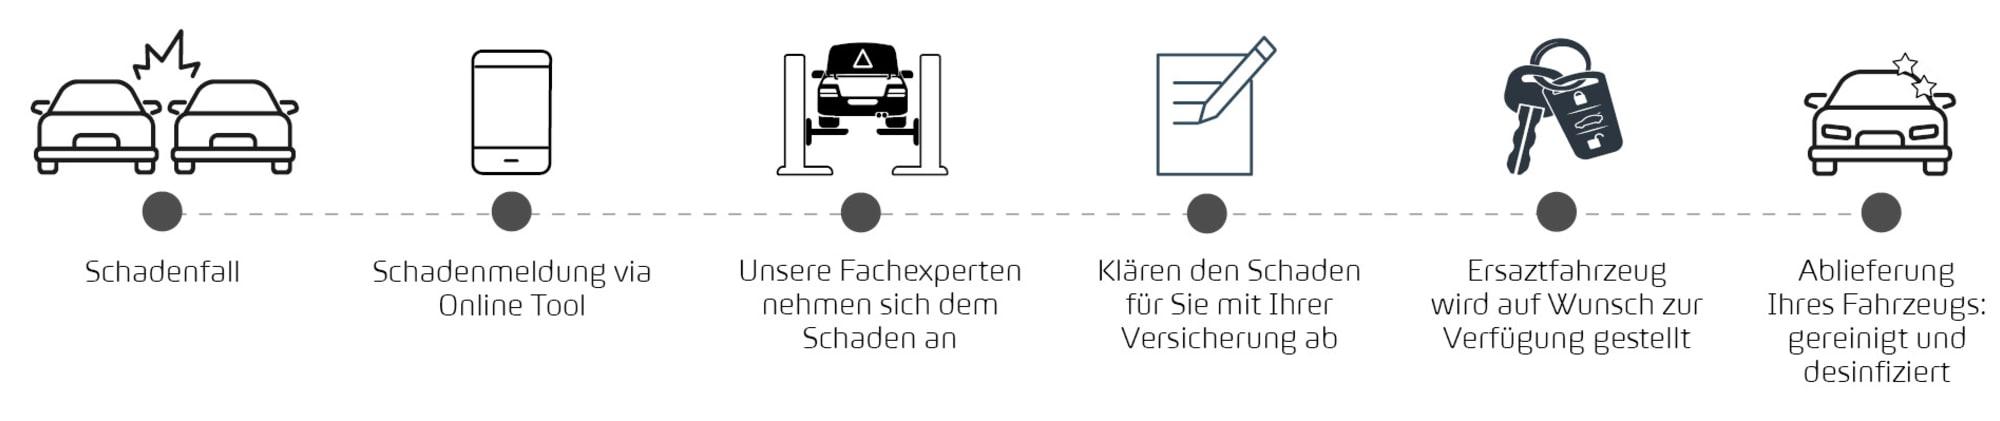 Ablauf_Schadenmeldung_SKODA_VW